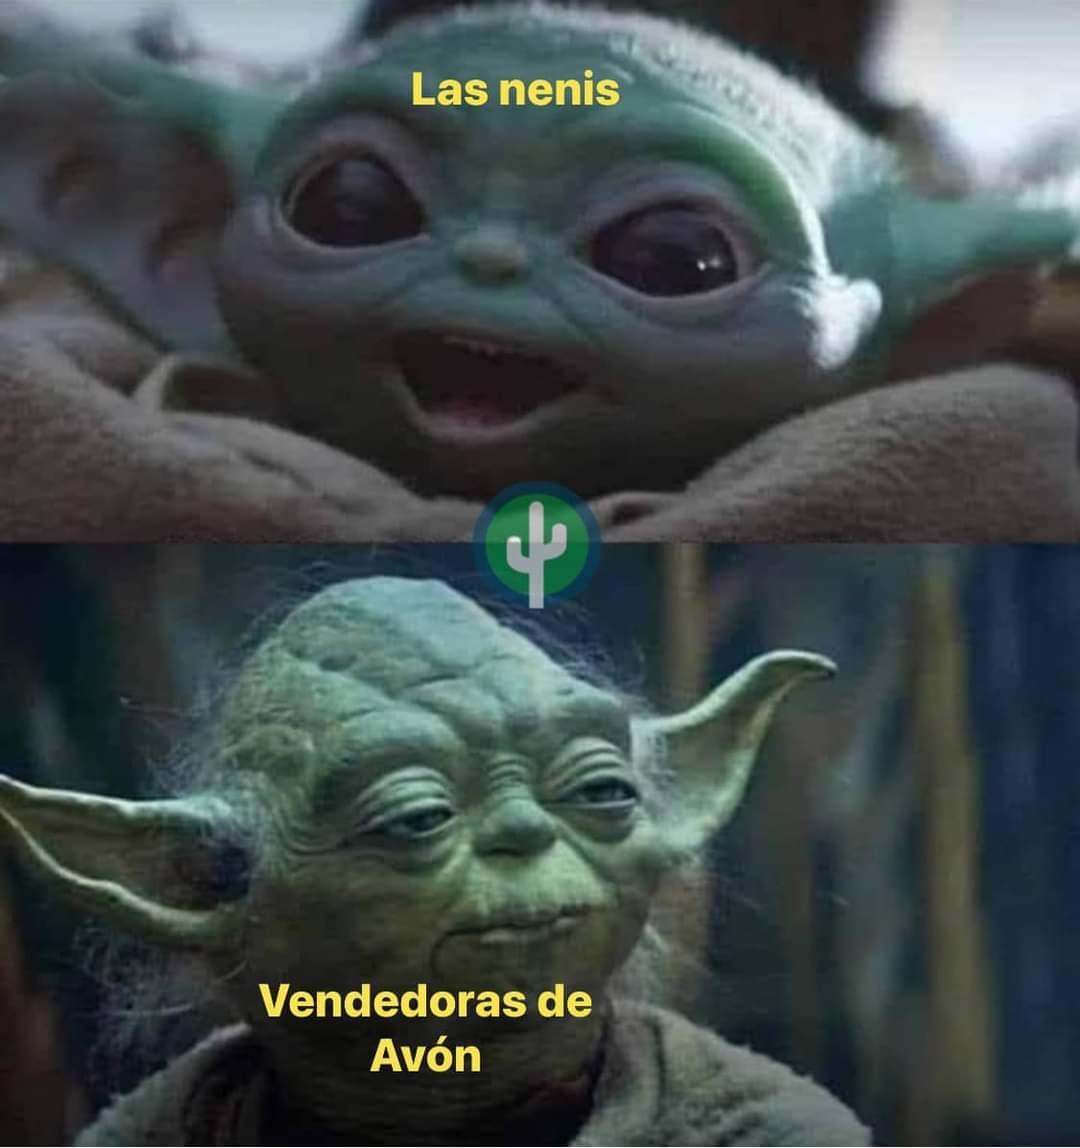 Memes de las nenis